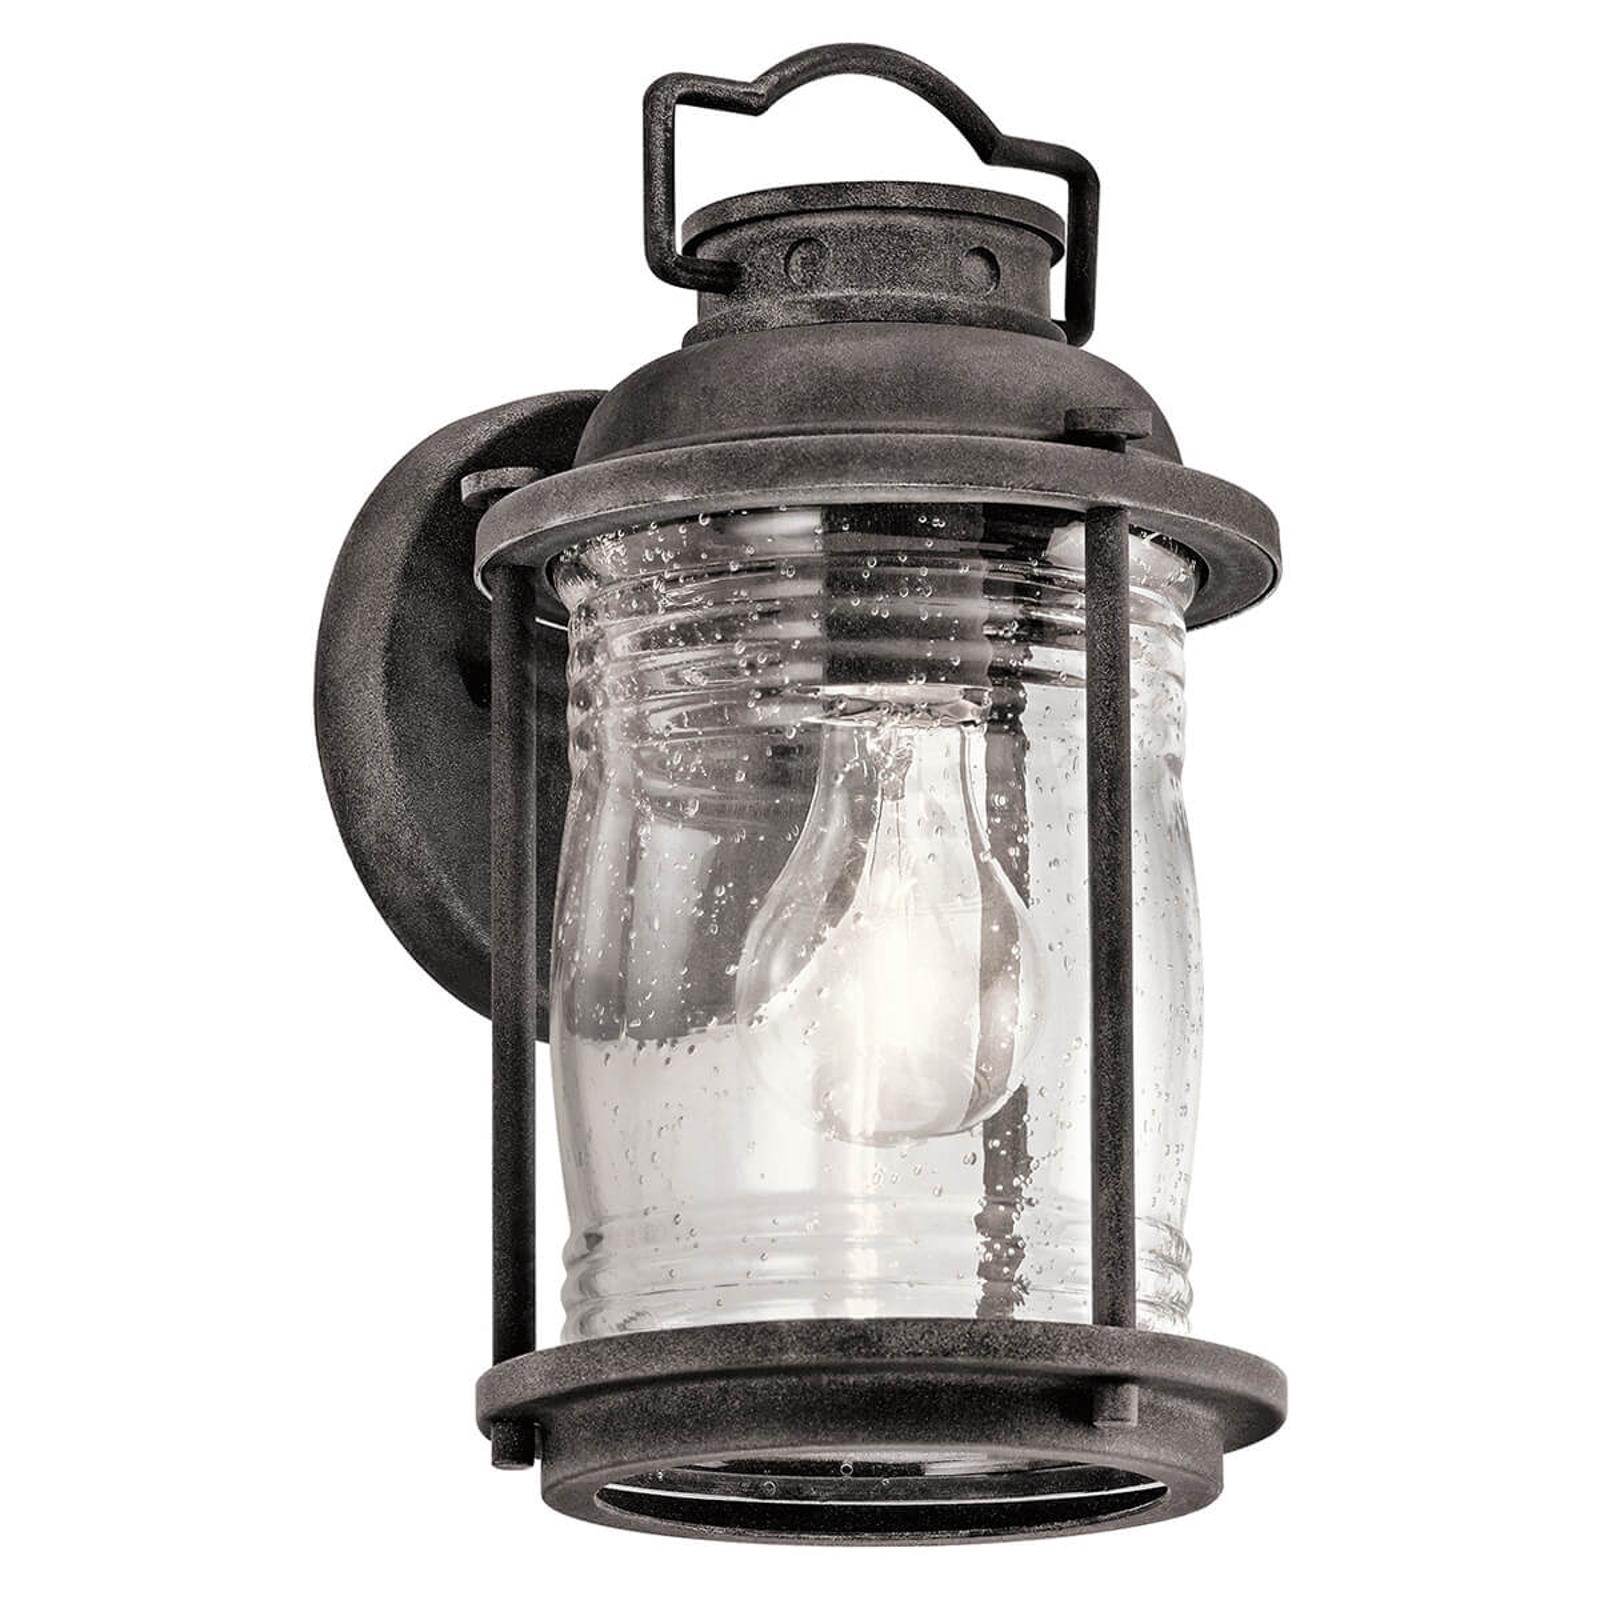 Applique d'extérieur Ashland Bay, forme lanterne